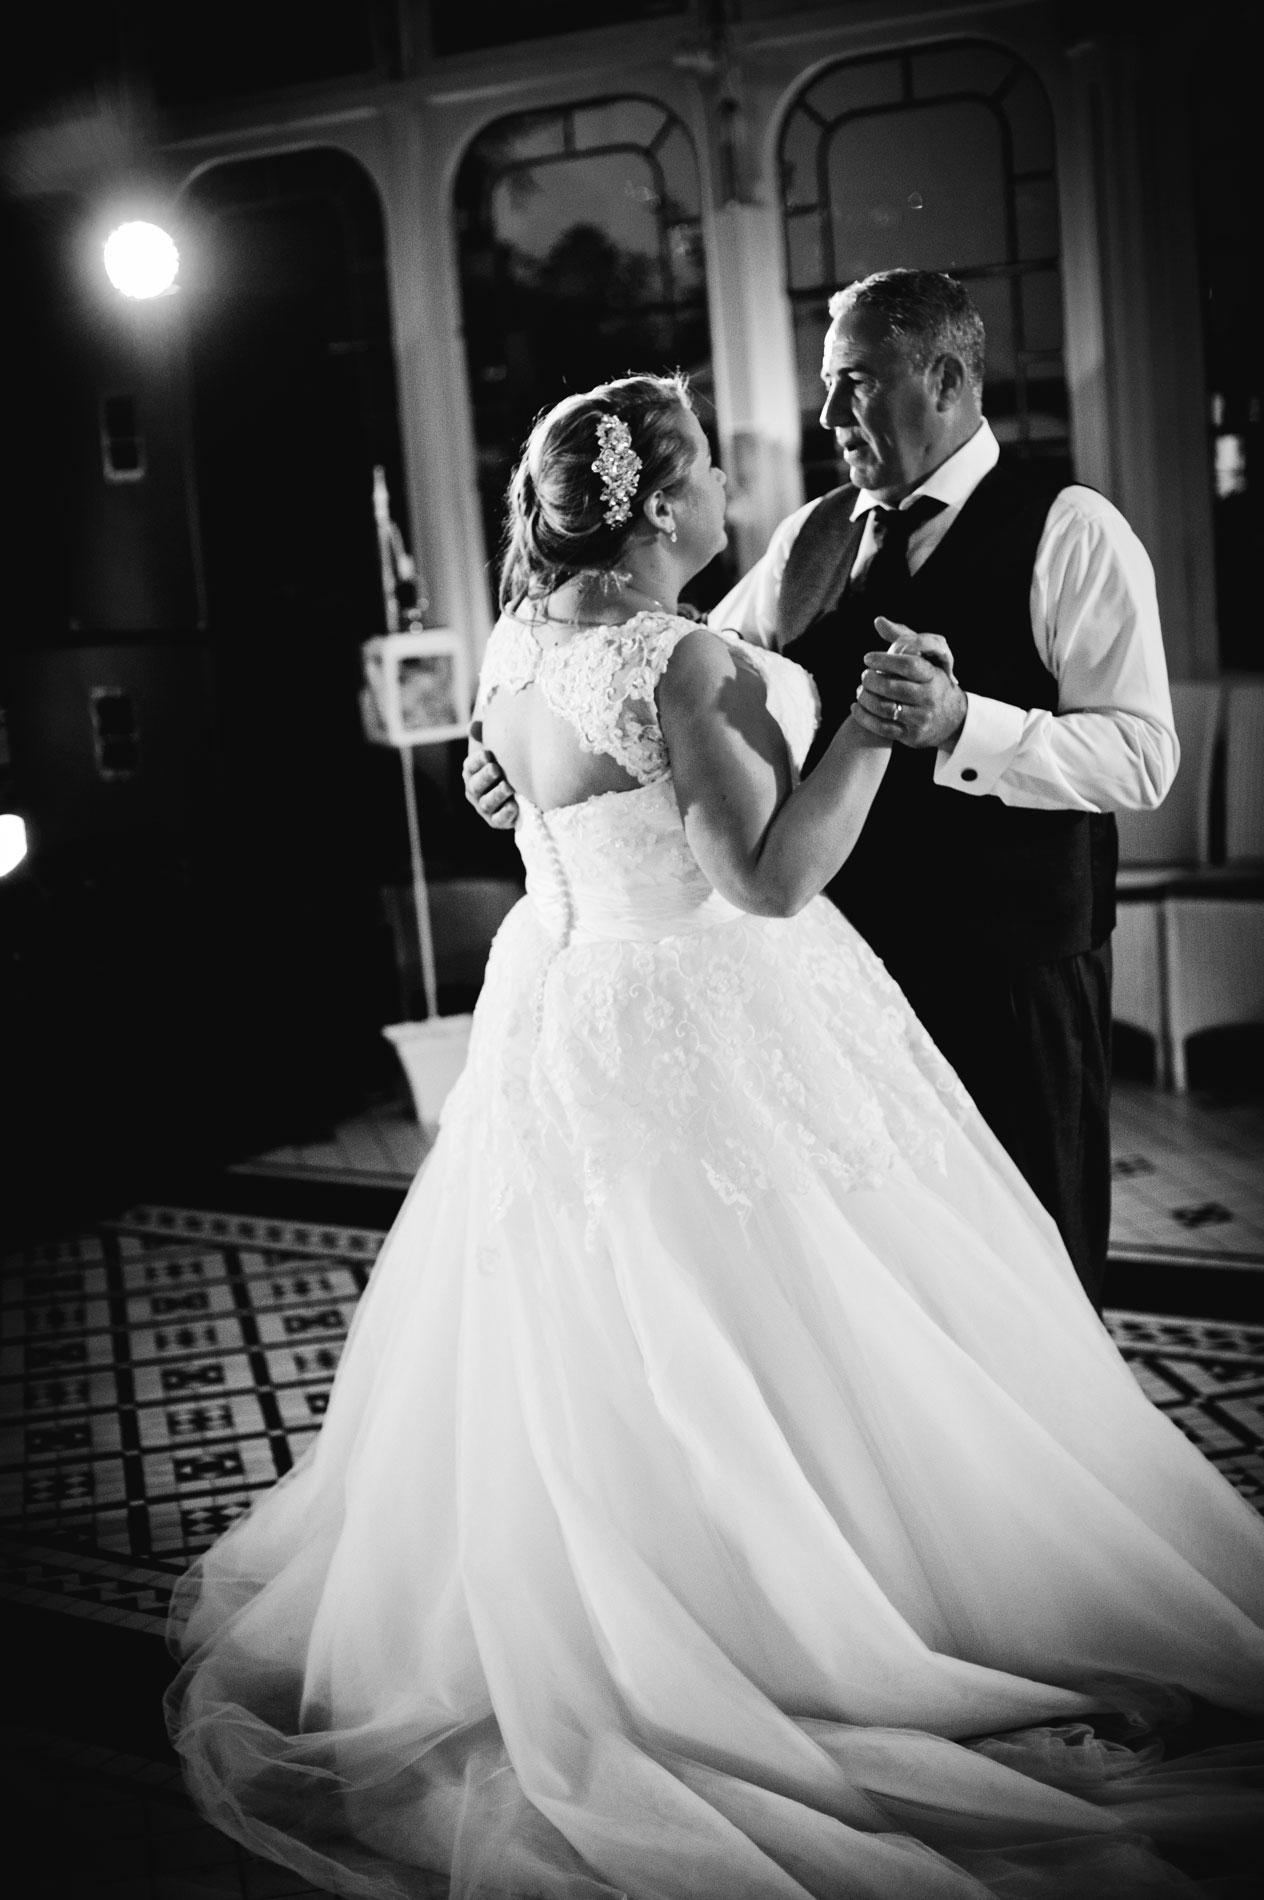 Kilworth-weddings-_79.jpg